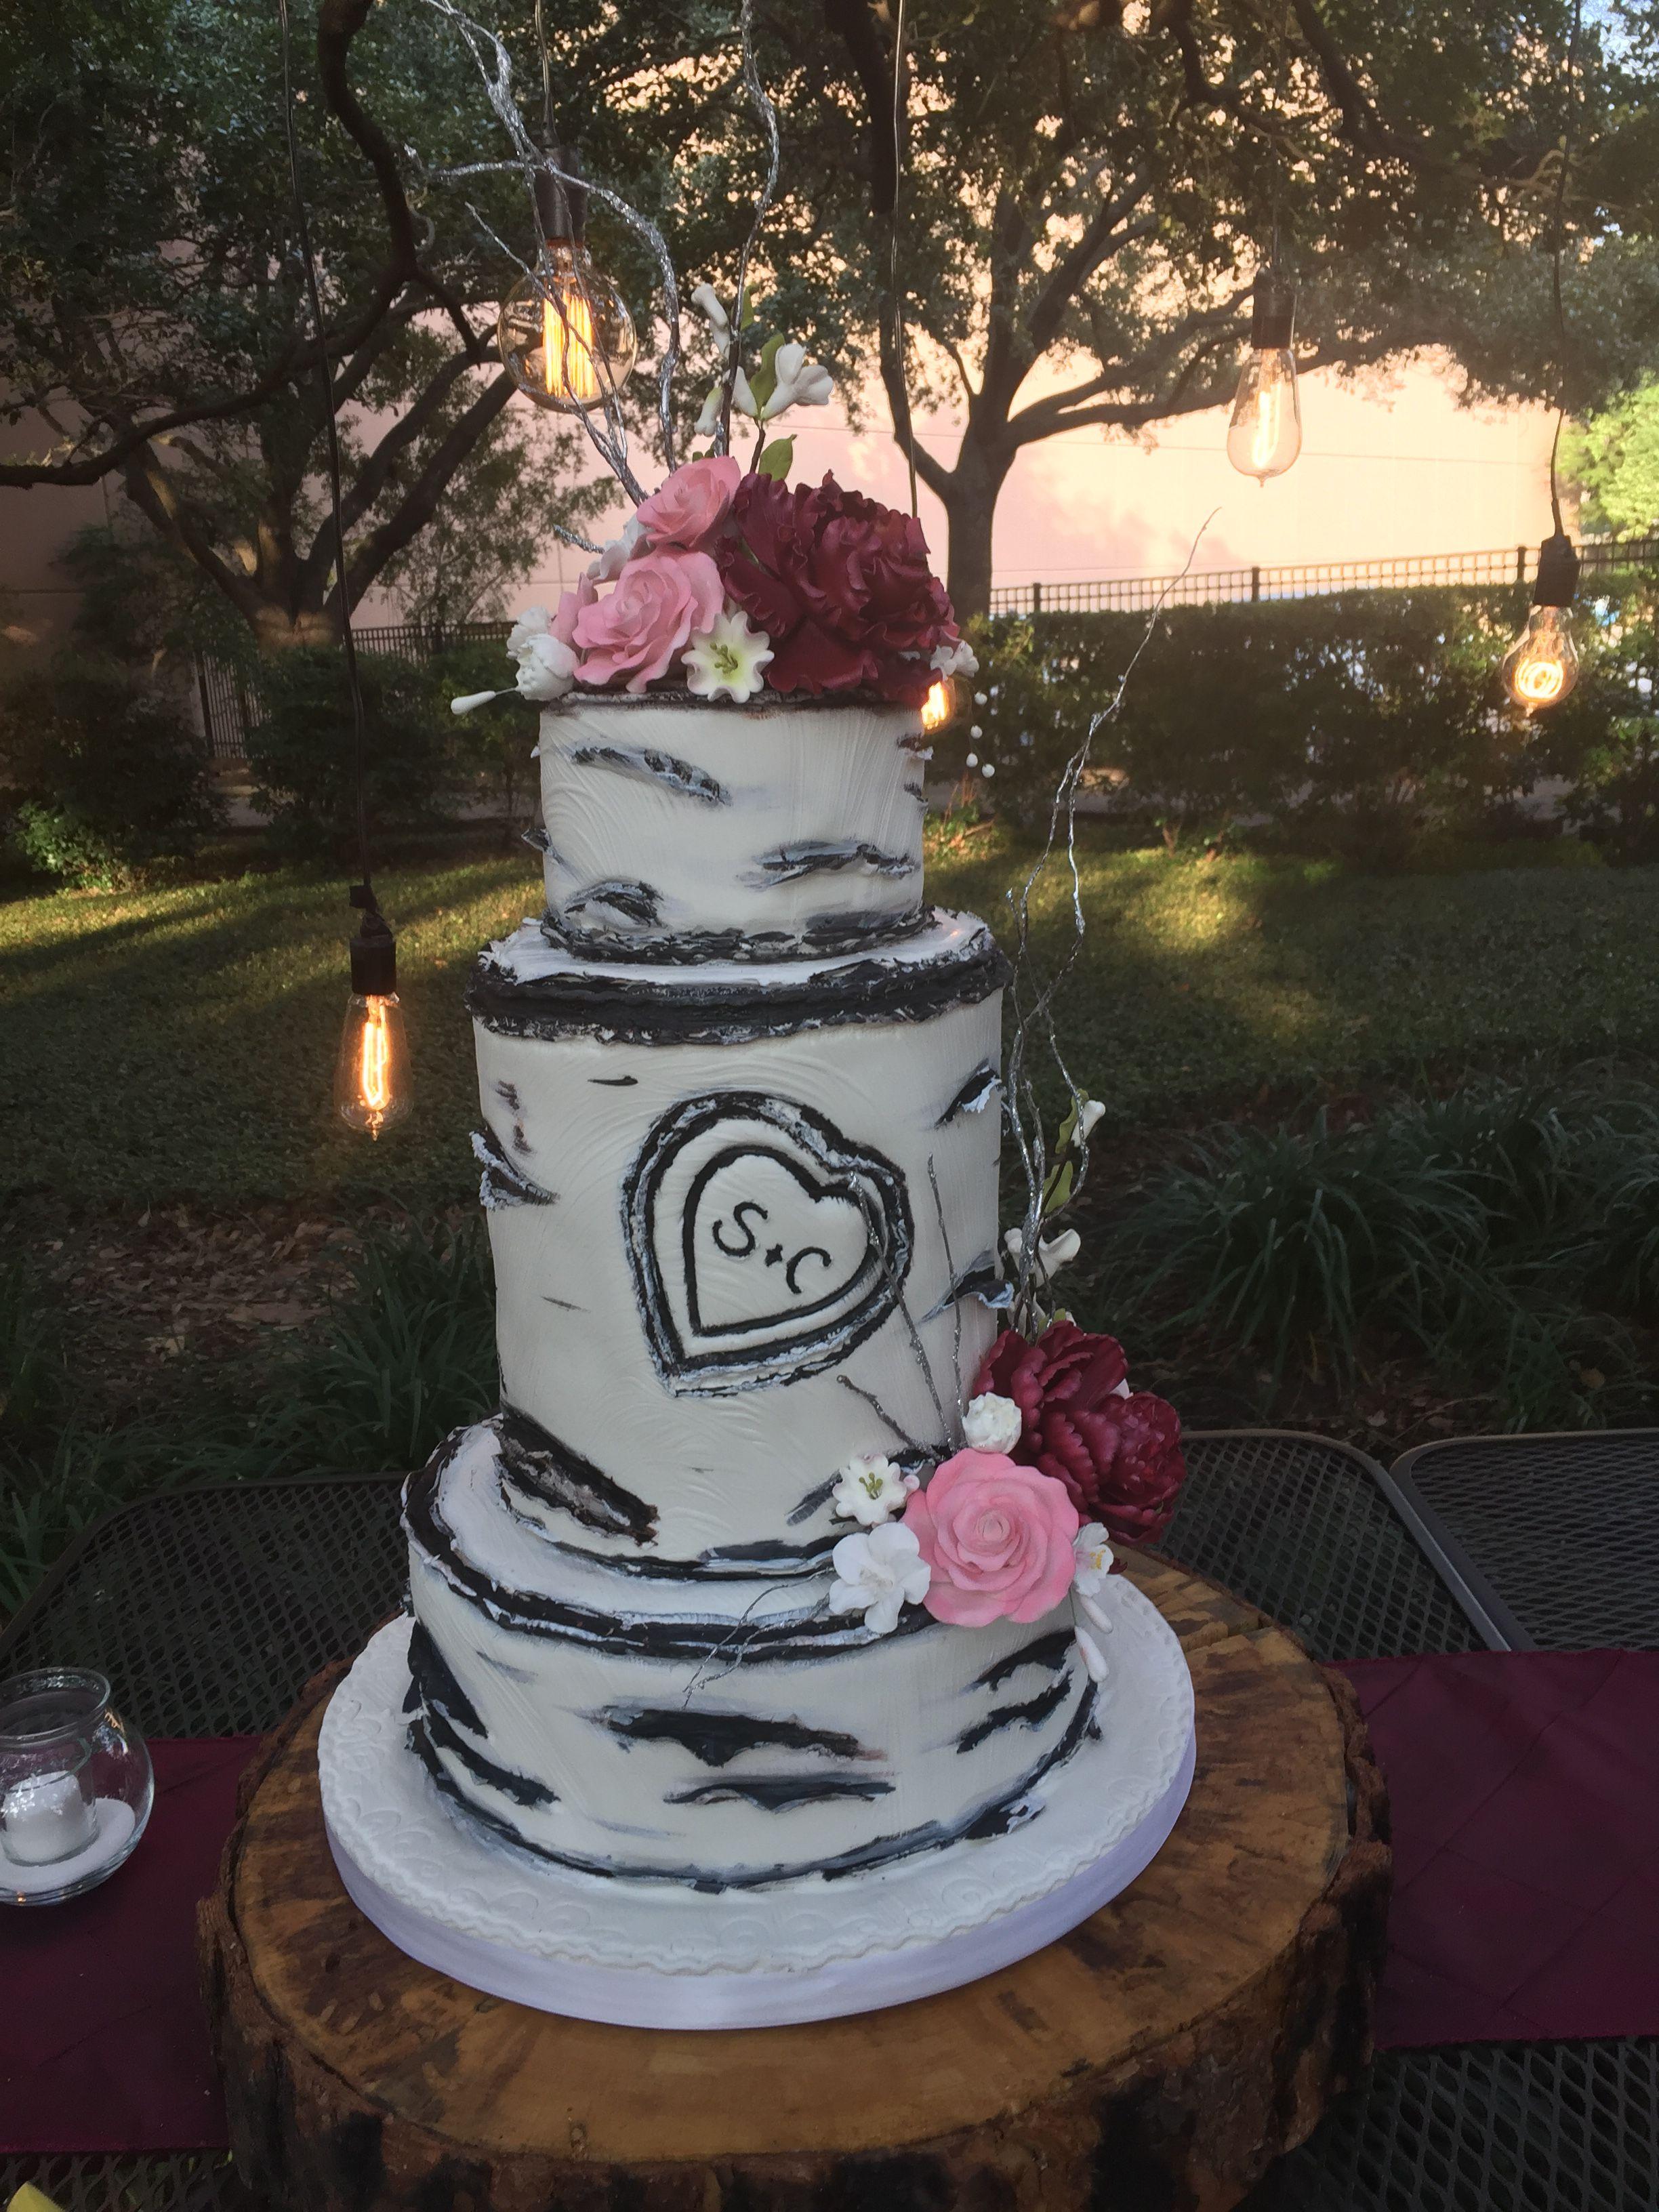 Fondant tree trunk cake